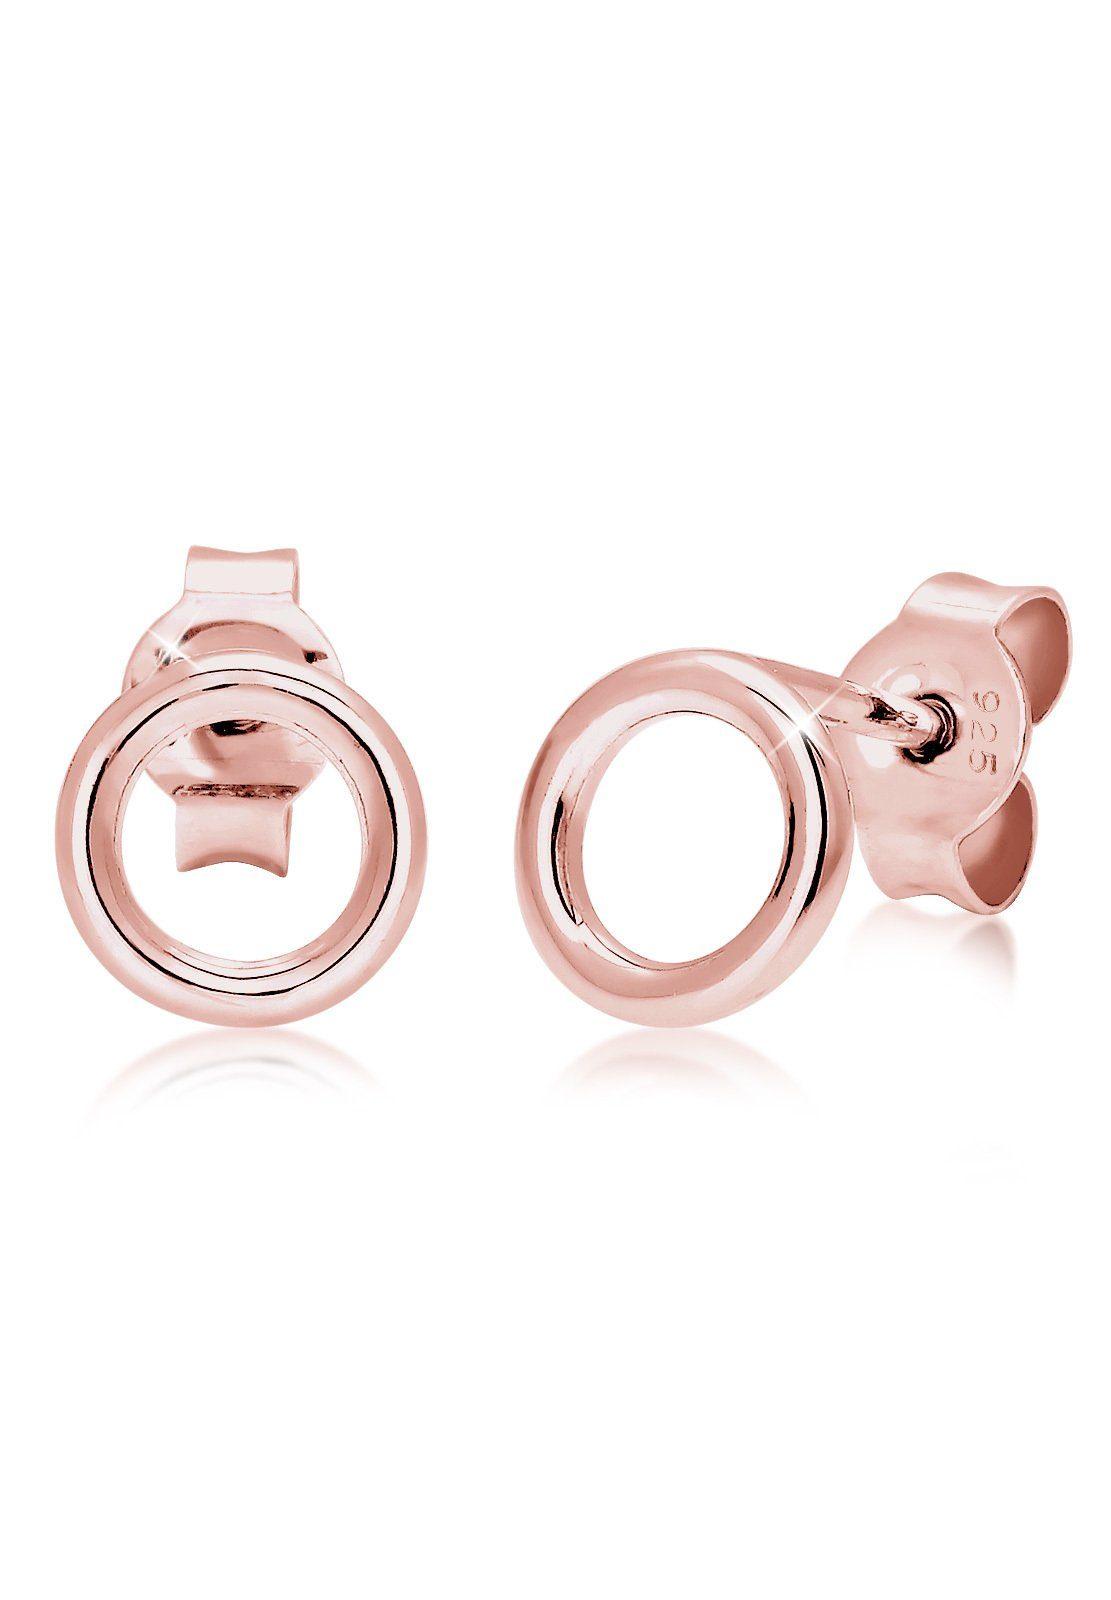 Elli Paar Ohrstecker »Basic Kreis Rund Geo Minimal 925 Sterling Silber«, Geo online kaufen | OTTO